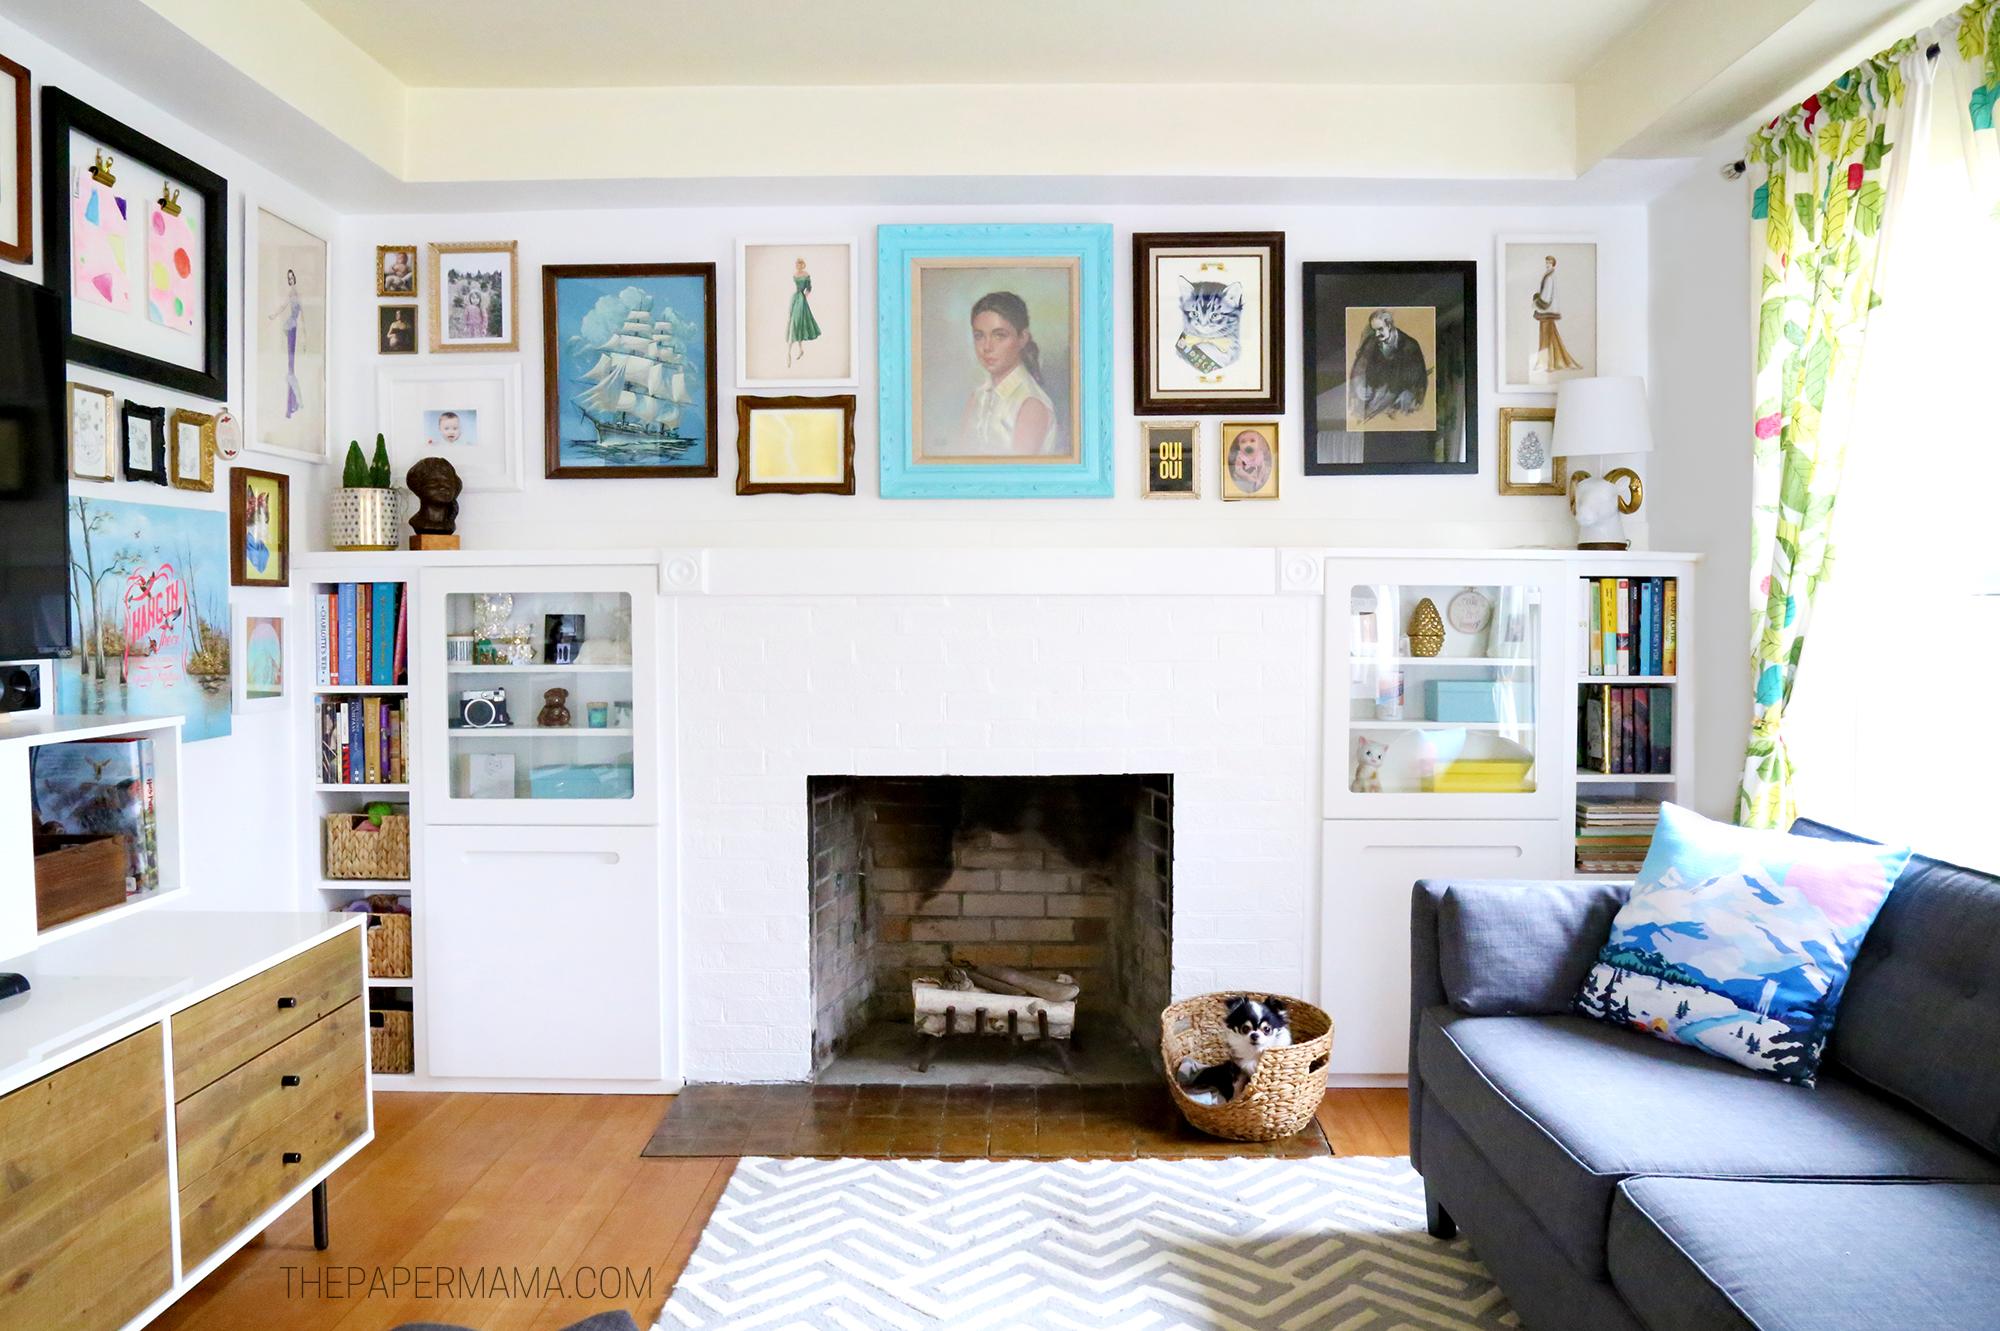 DIY Fireplace Built-ins